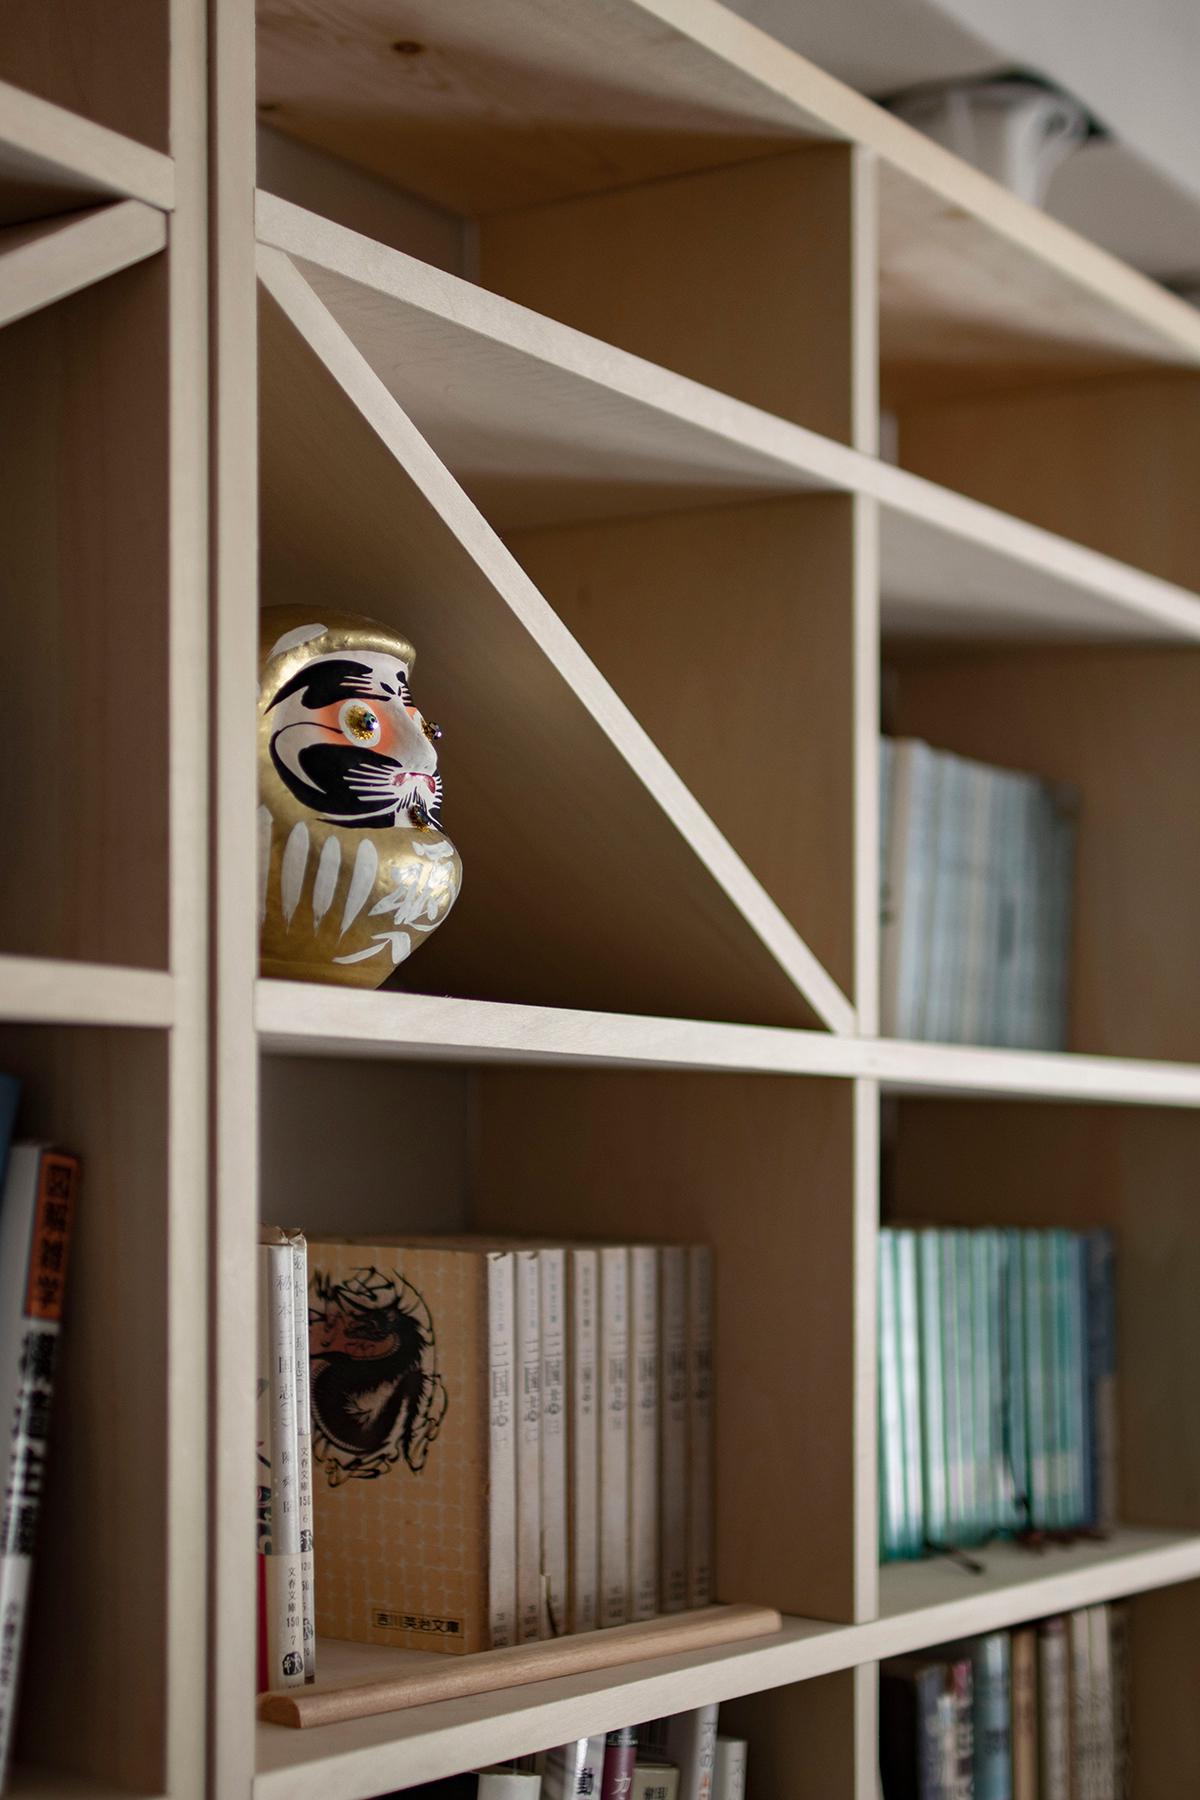 梁下いっぱいの本棚